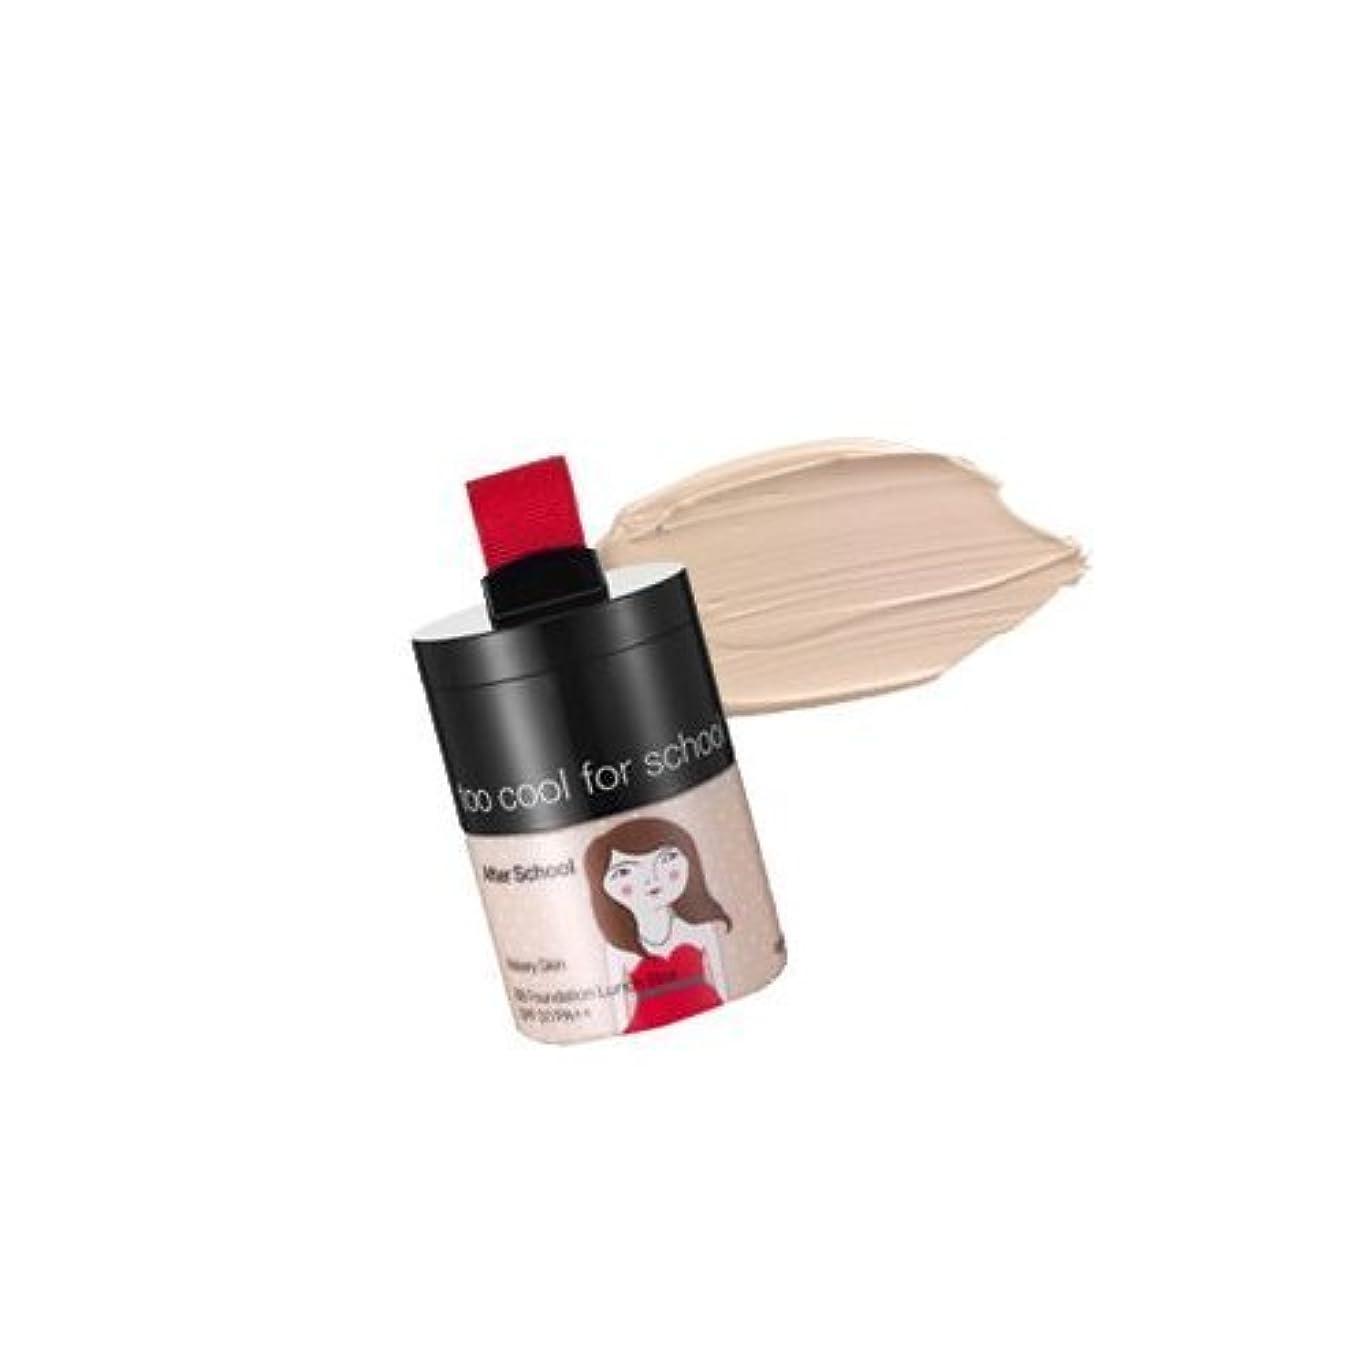 評判綺麗な完全にTOO COOL FOR SCHOOL After School BB Foundation Lunch Box 01 Matte Skin (並行輸入品)